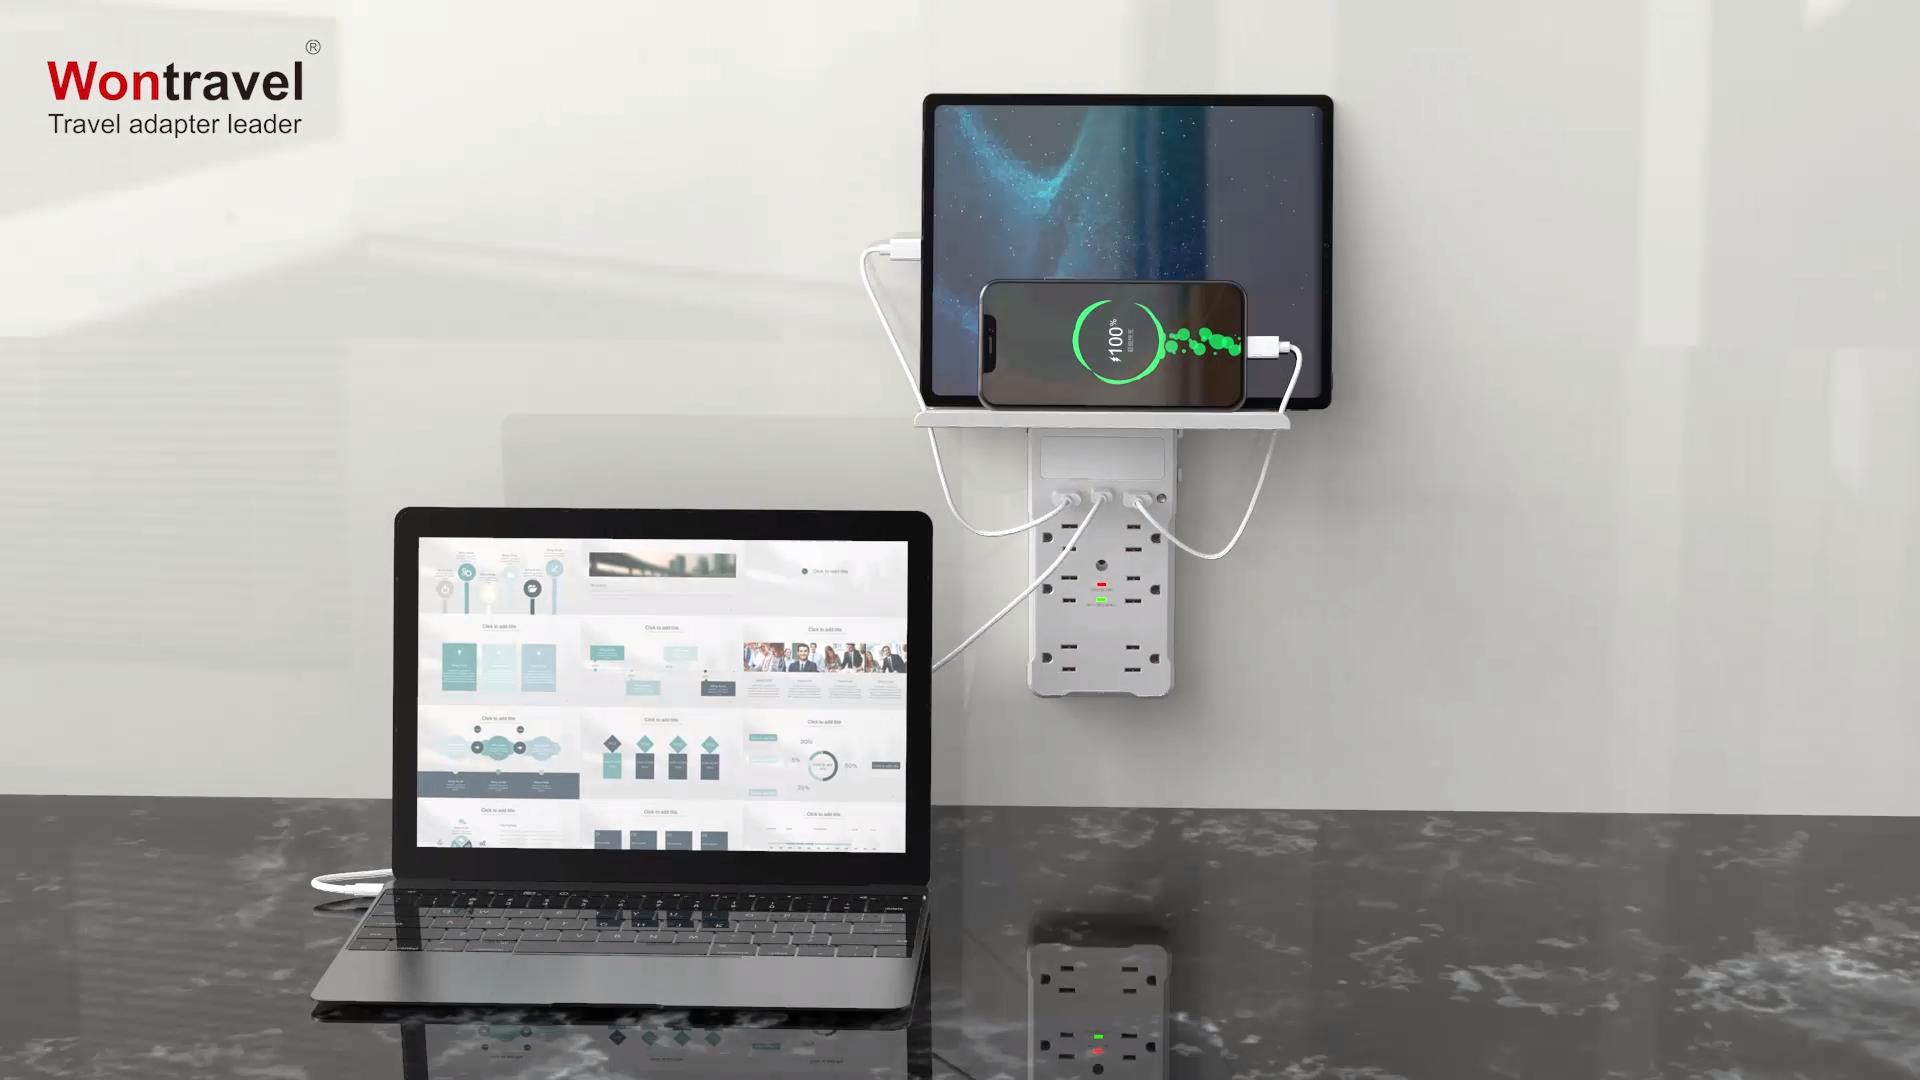 Wontravel 6 Port Surge Protector Đa Cắm Loại C 2 USB Power Strip Mở Rộng Tường Outlet Kệ Với Ánh Sáng Ban Đêm